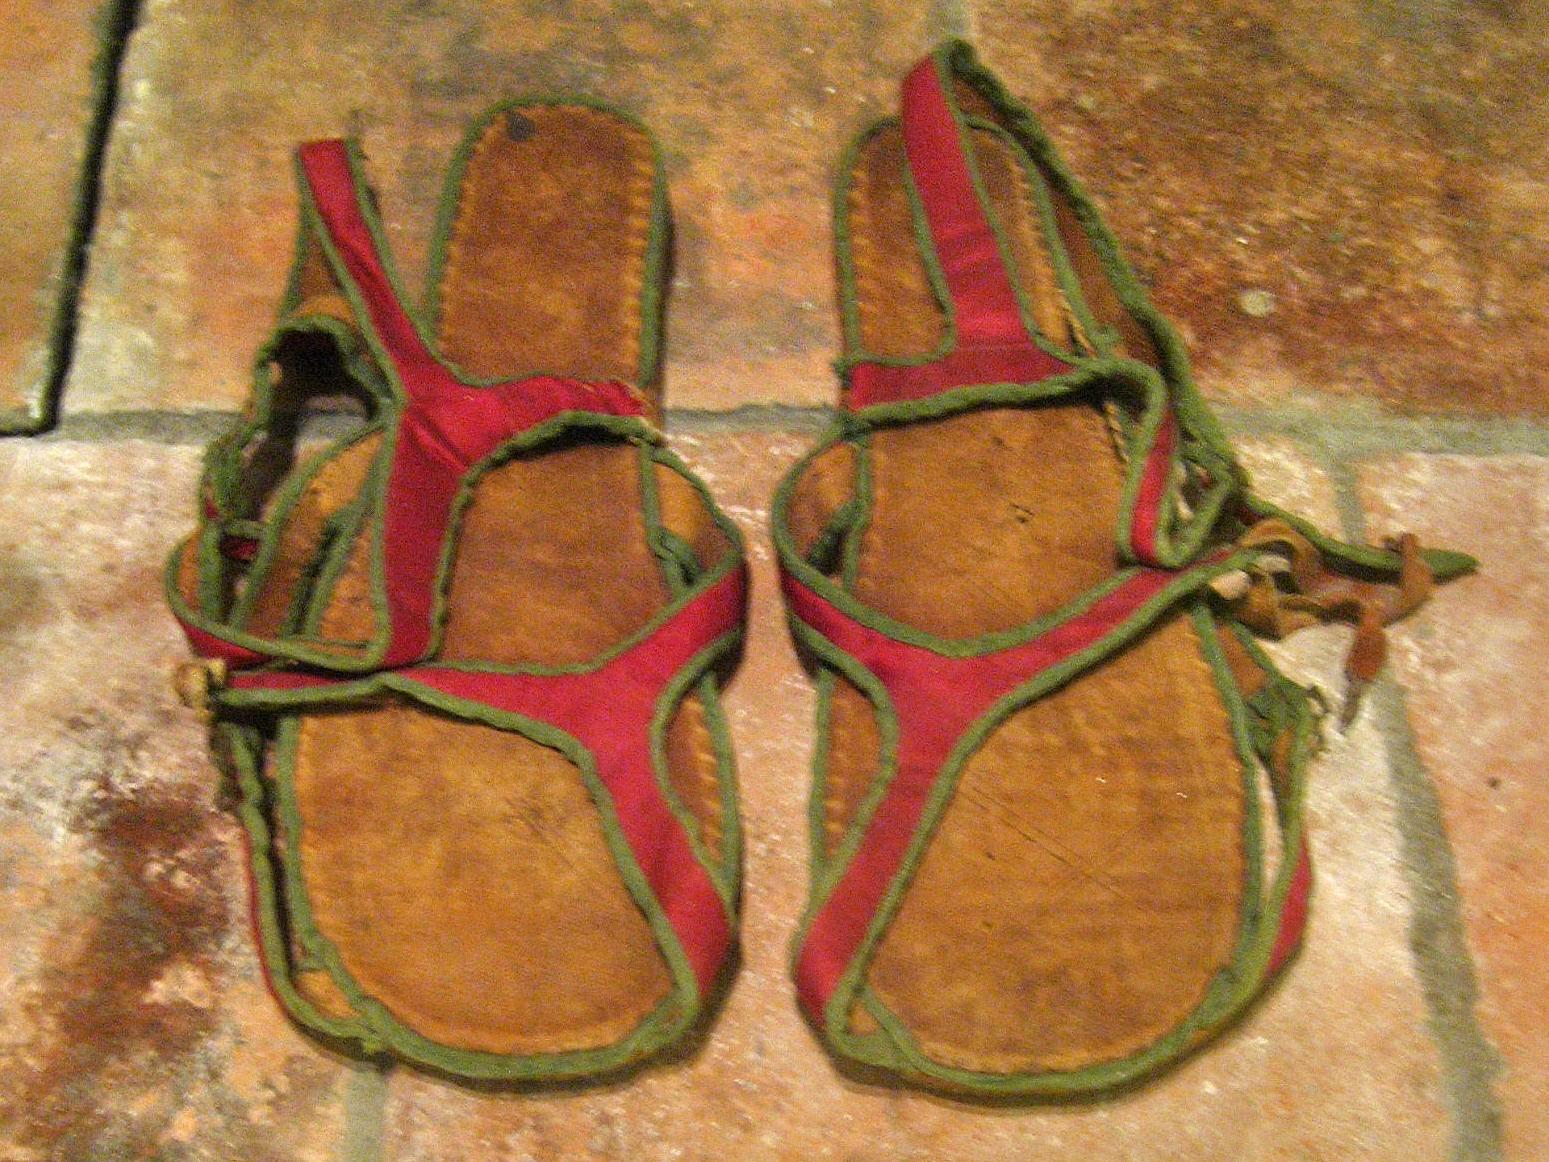 e88dd3306caf Episcopal sandals - Wikipedia